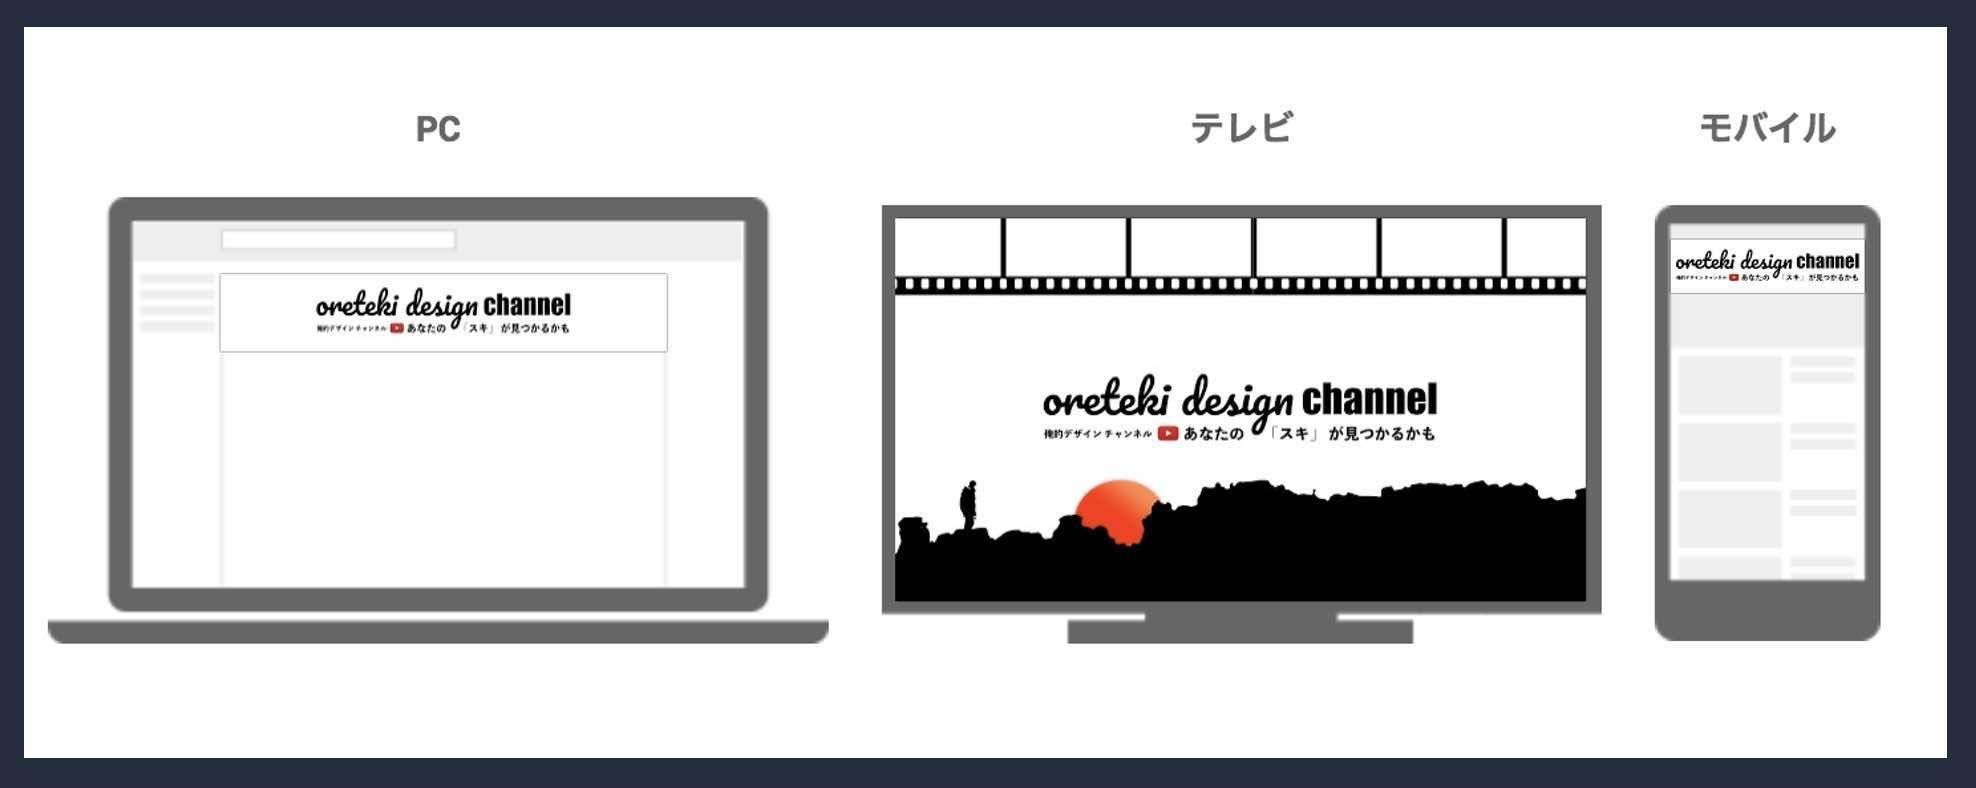 俺的デザインチャンネルのチャンネルアート表示プレビューの画像